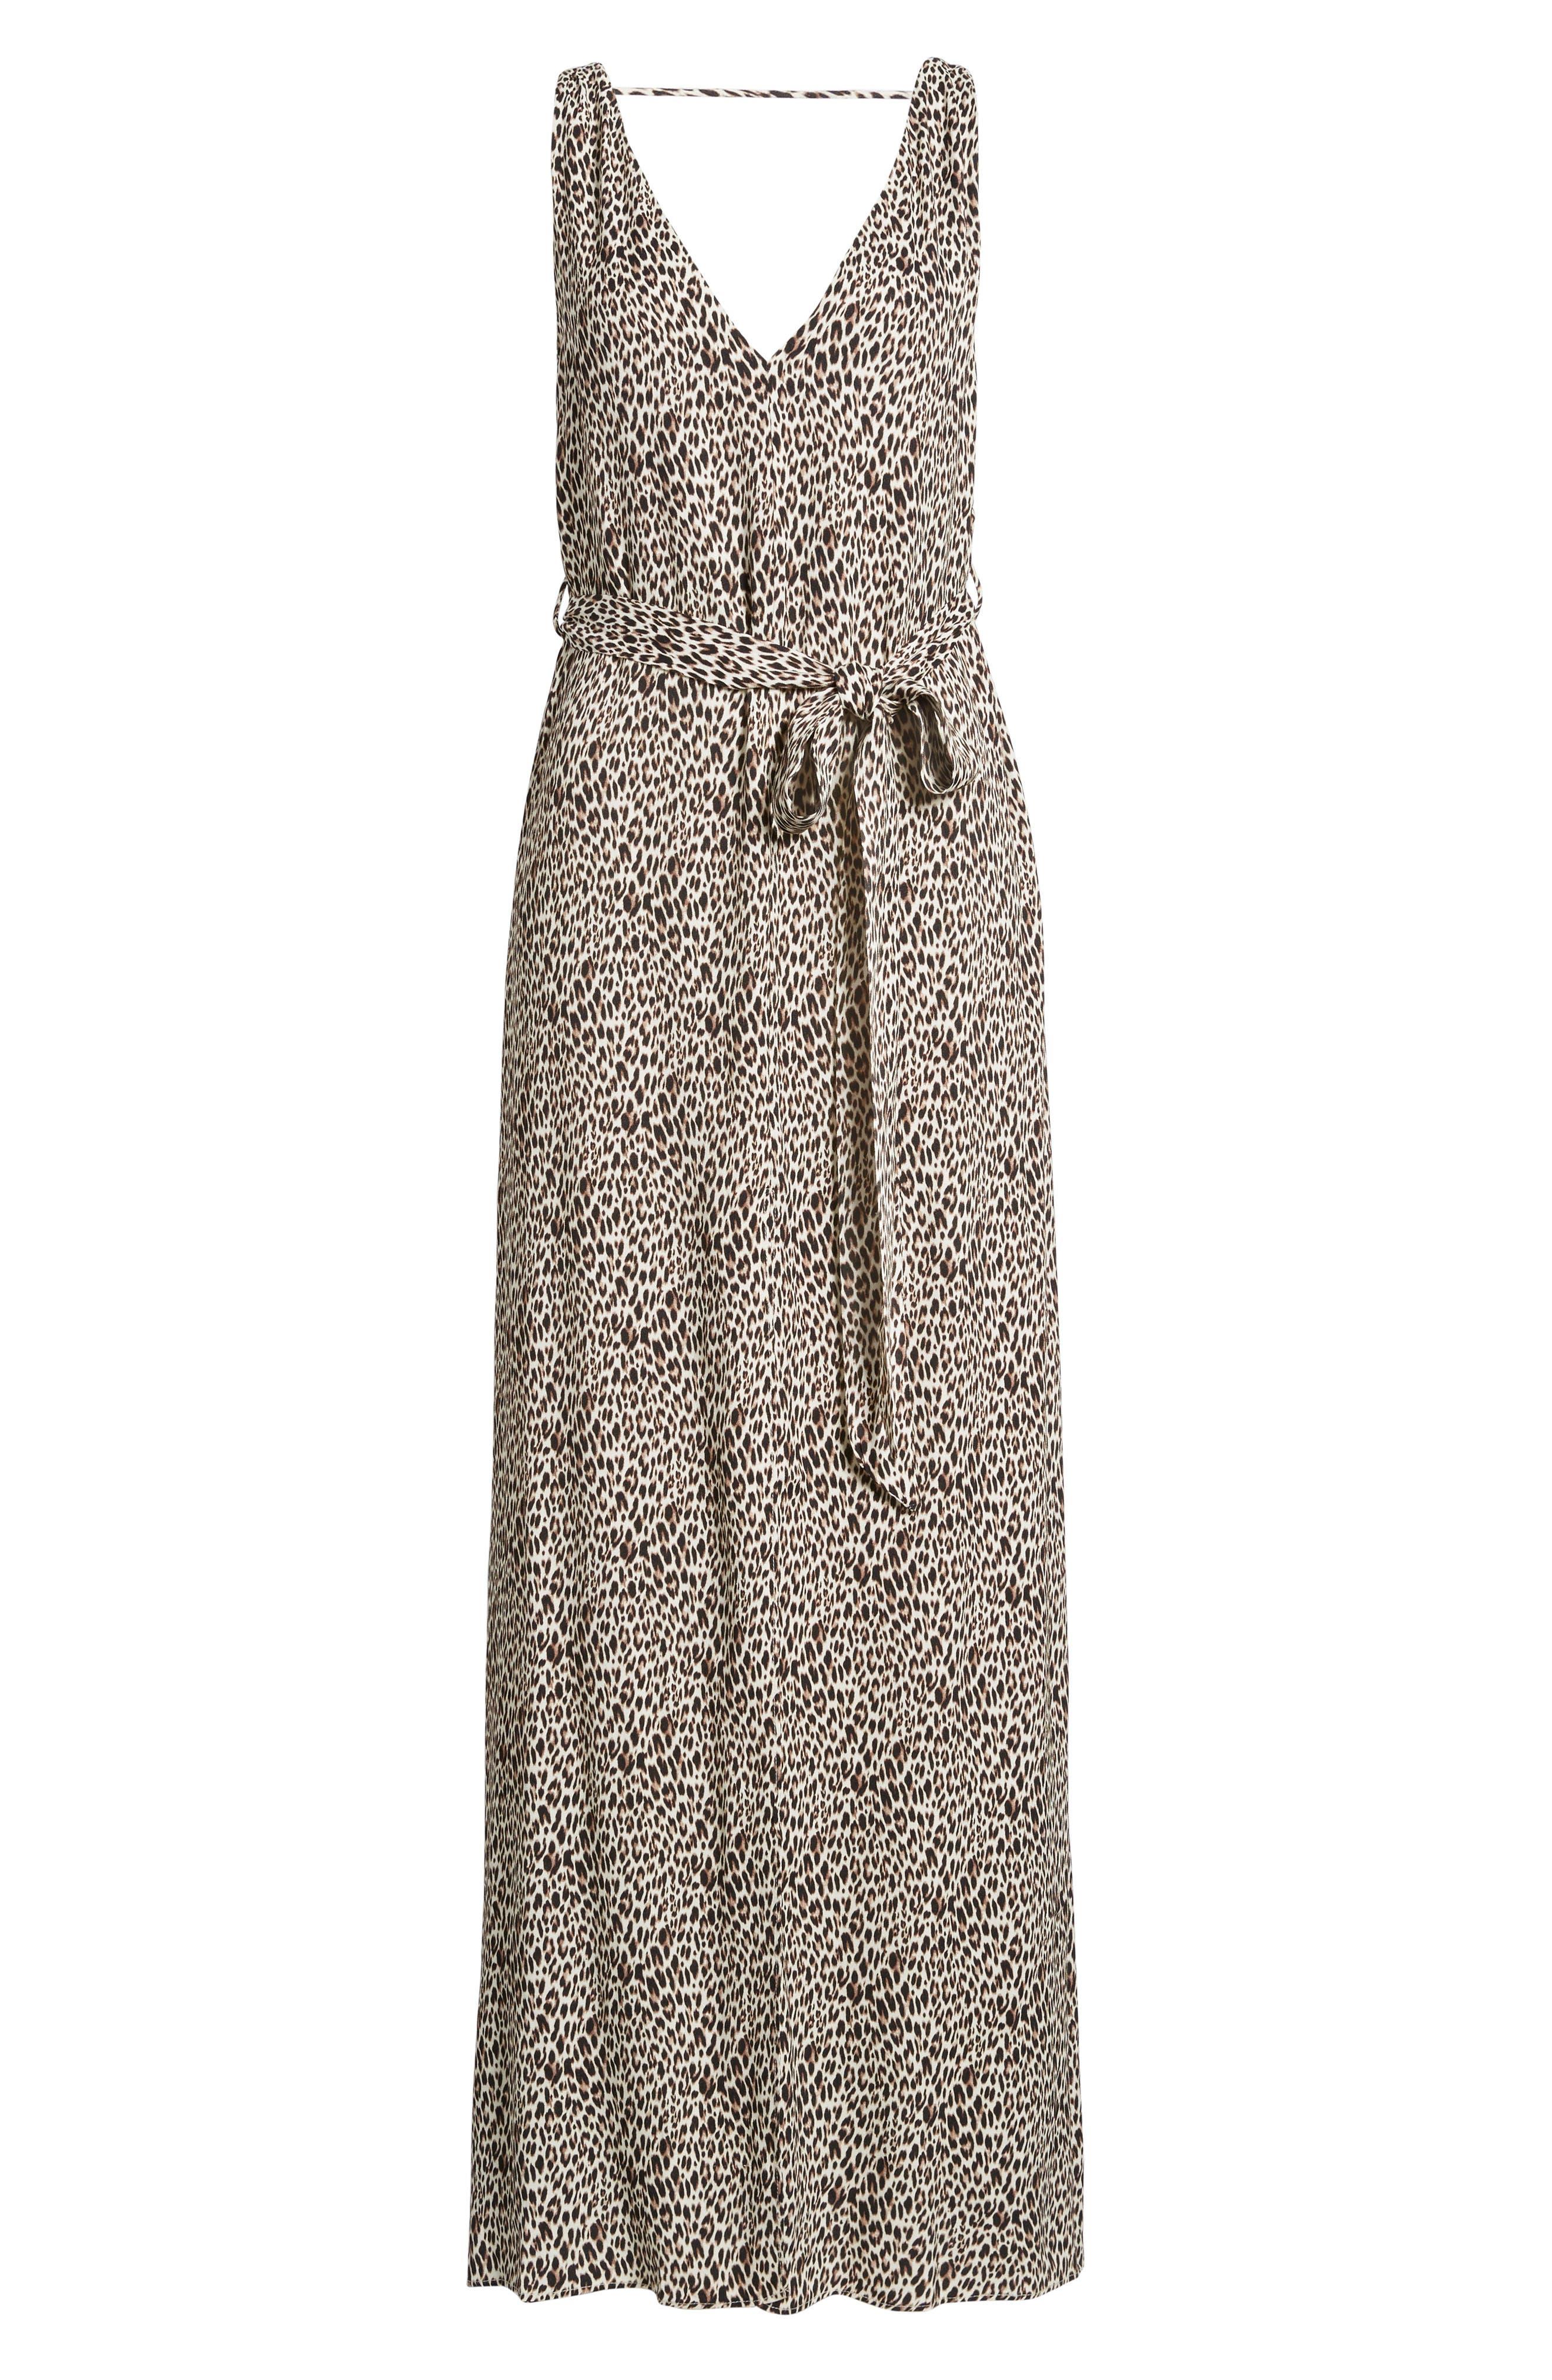 Rowan Maxi Dress,                             Alternate thumbnail 17, color,